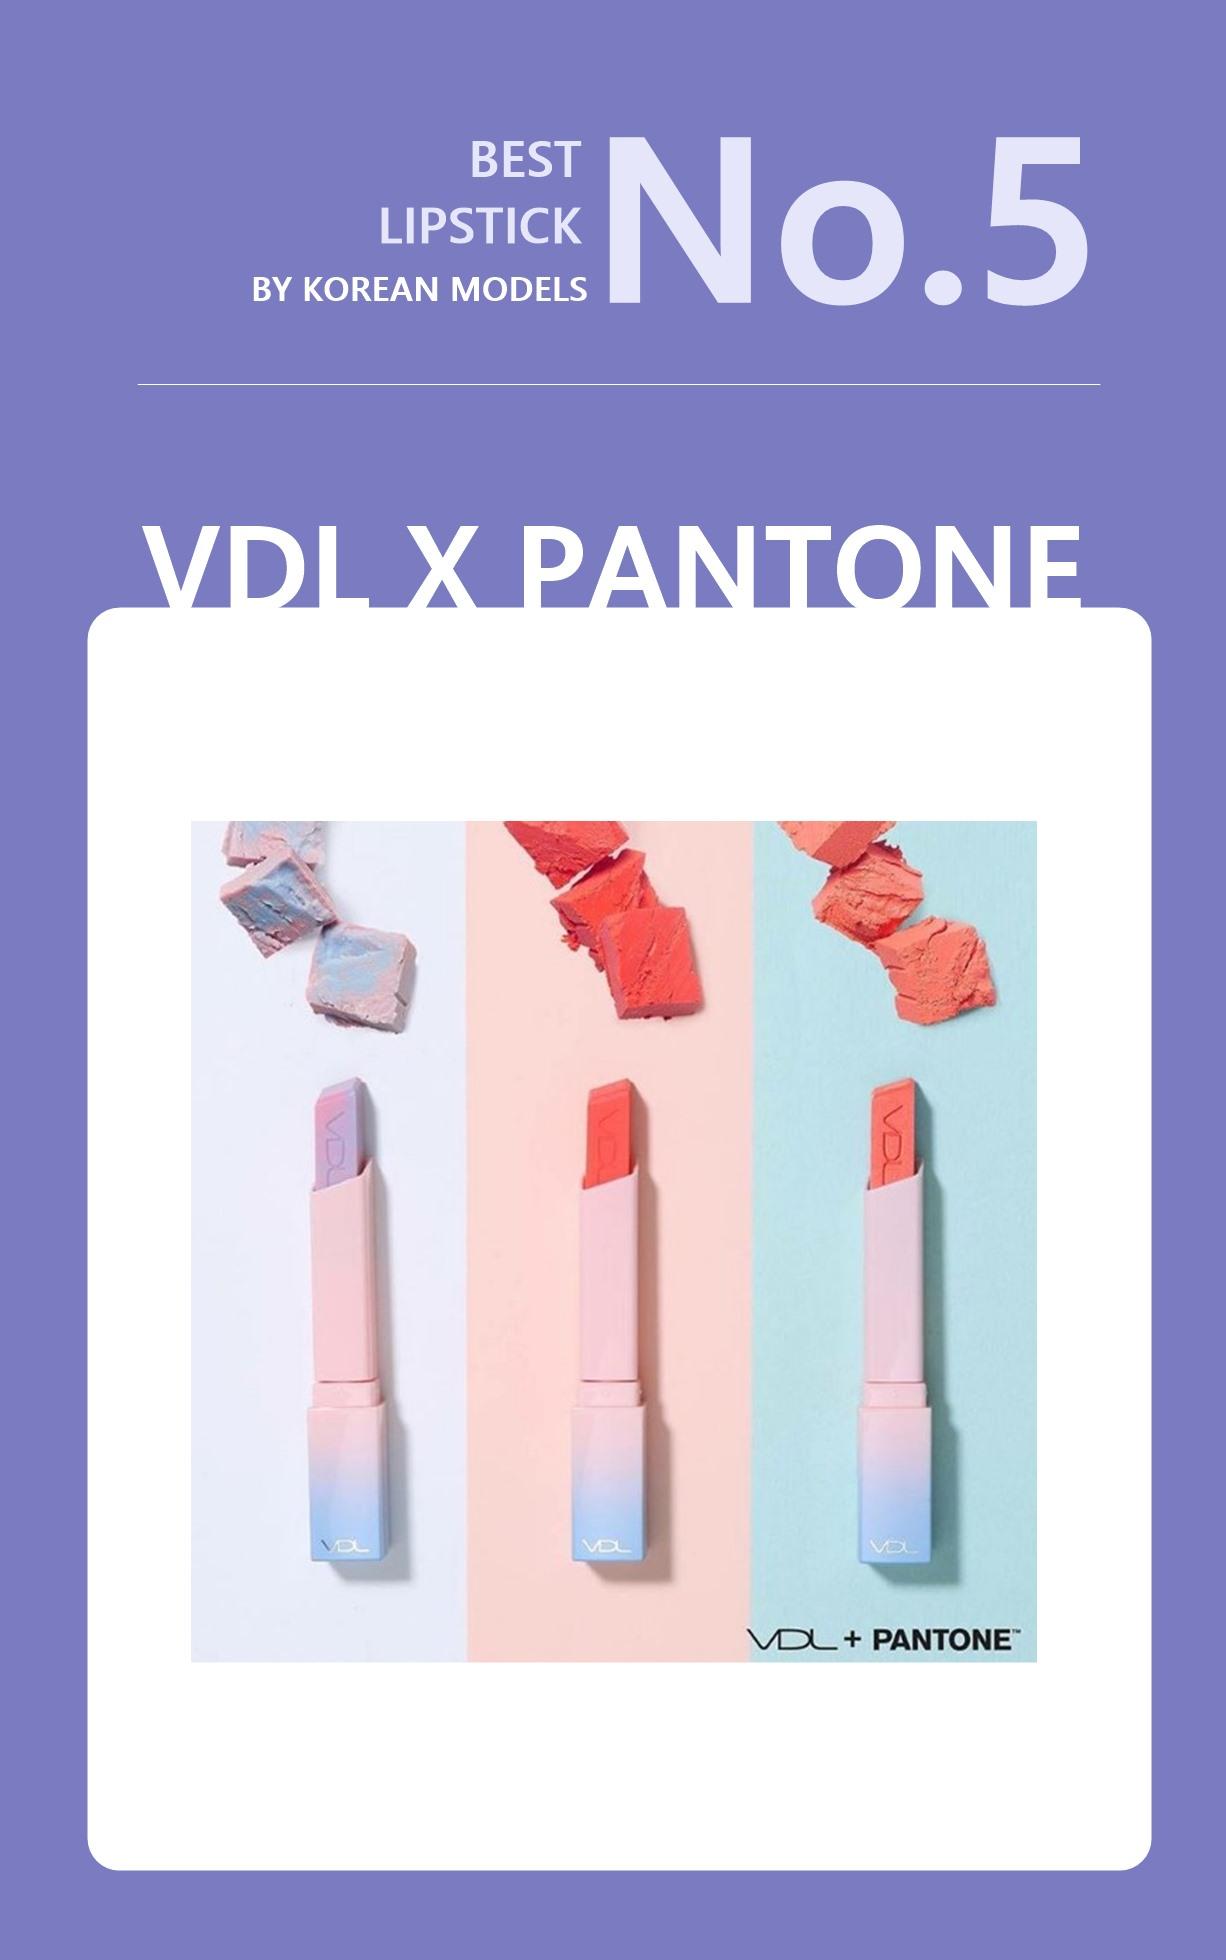 從推出就一直是話題,延燒到今年初夏還是很熱門!前五名中唯一的韓系品牌,之前還曾賣到缺貨呢!方形唇膏設計與漸層色調的包裝,一登場就狙擊女生的心~